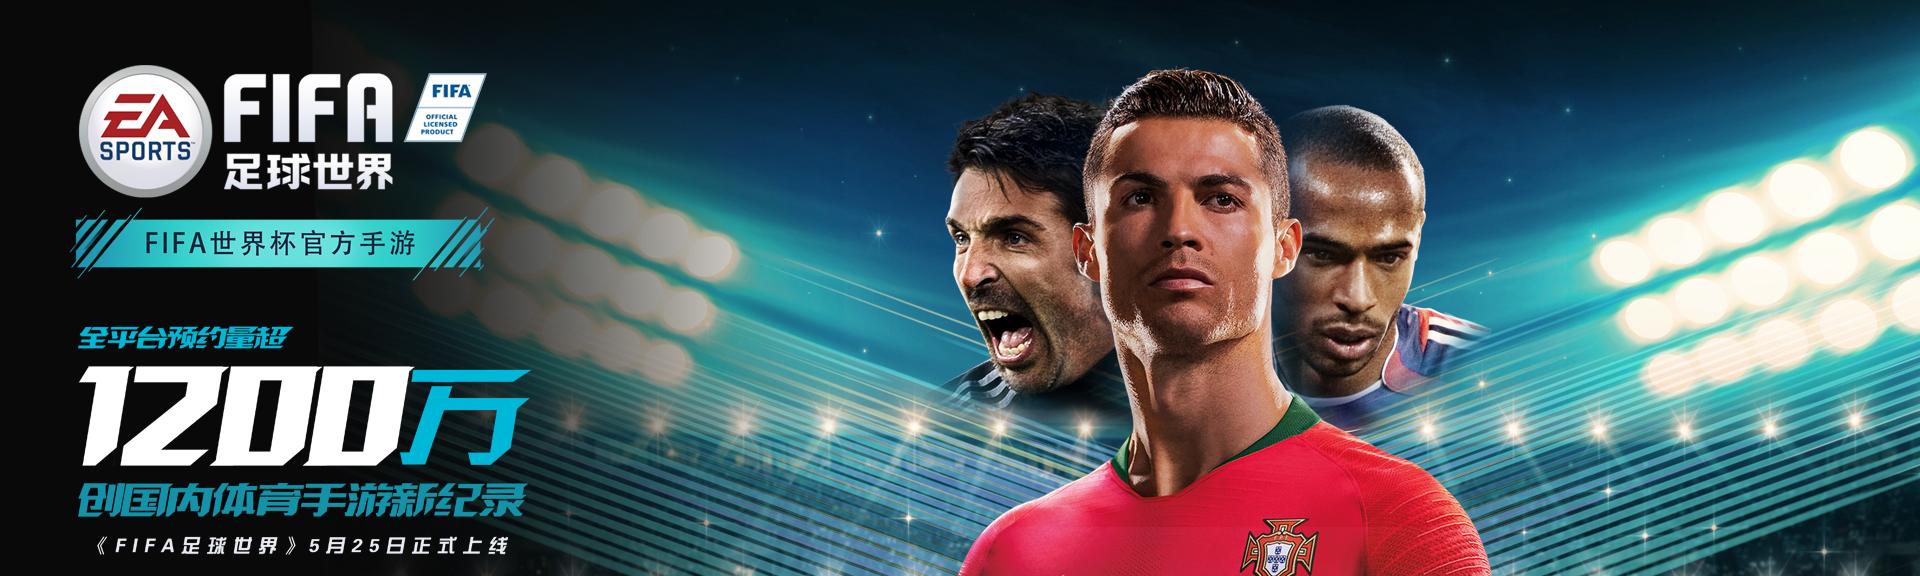 1200万!《FIFA足球世界》成就体育品类手游里程碑